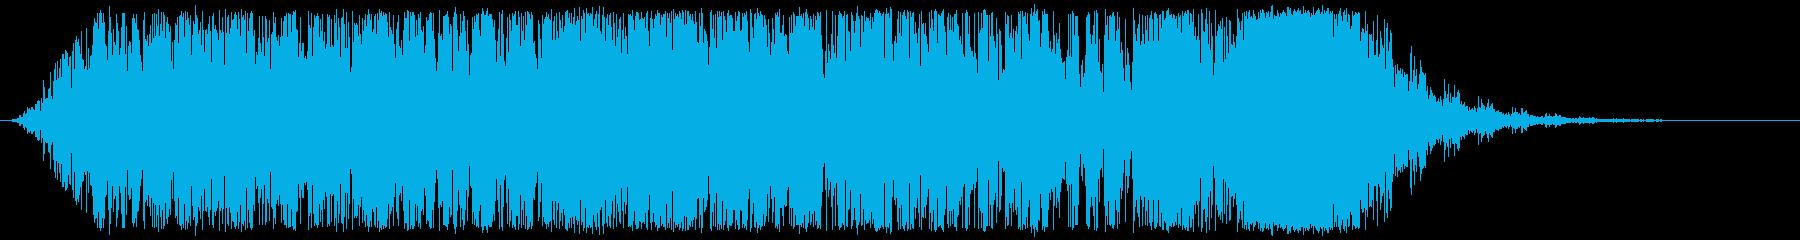 花火ロケットの再生済みの波形